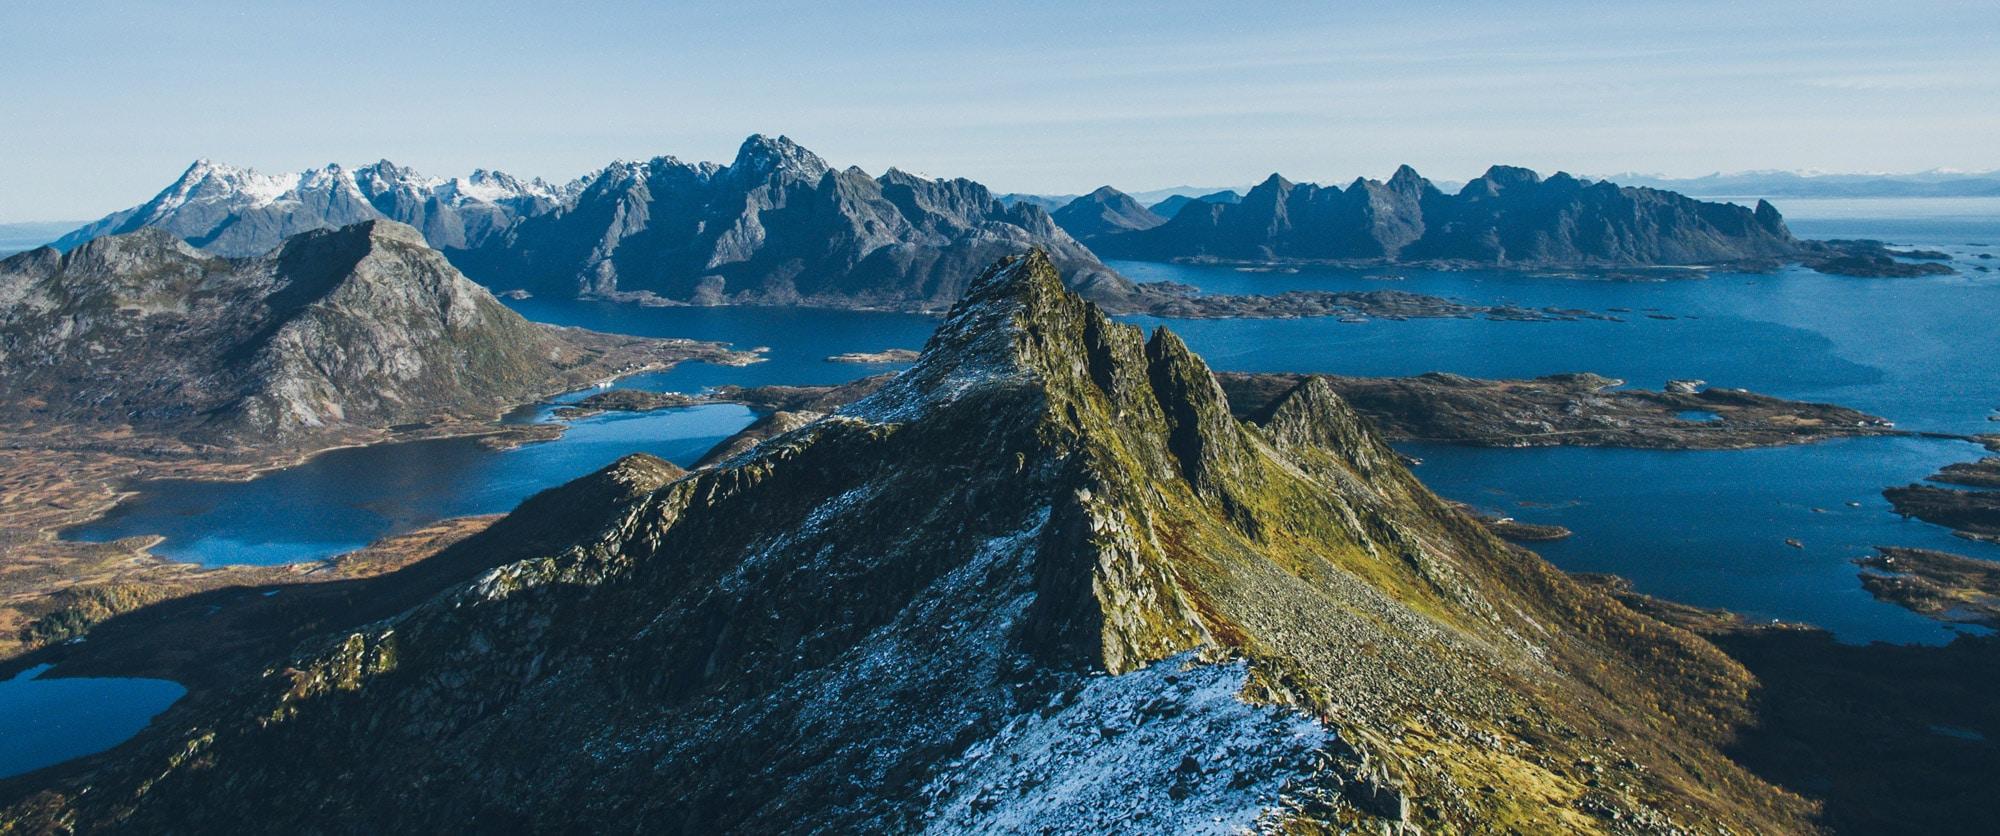 Pohjois-Norja